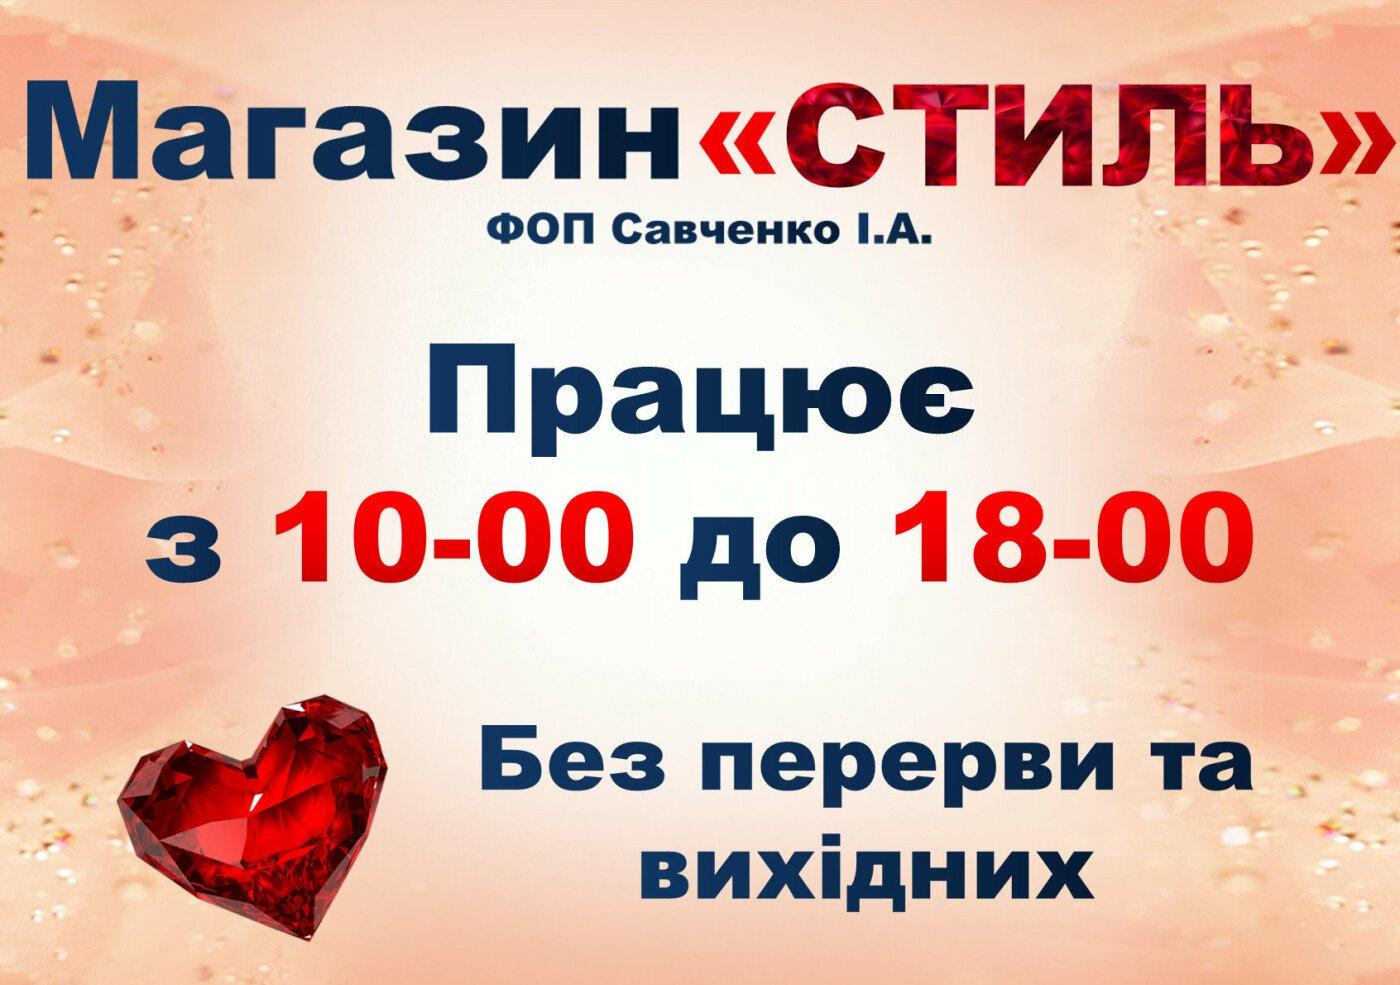 Подборка подарков на 8 марта от сайта 06153.сom.ua, фото-143